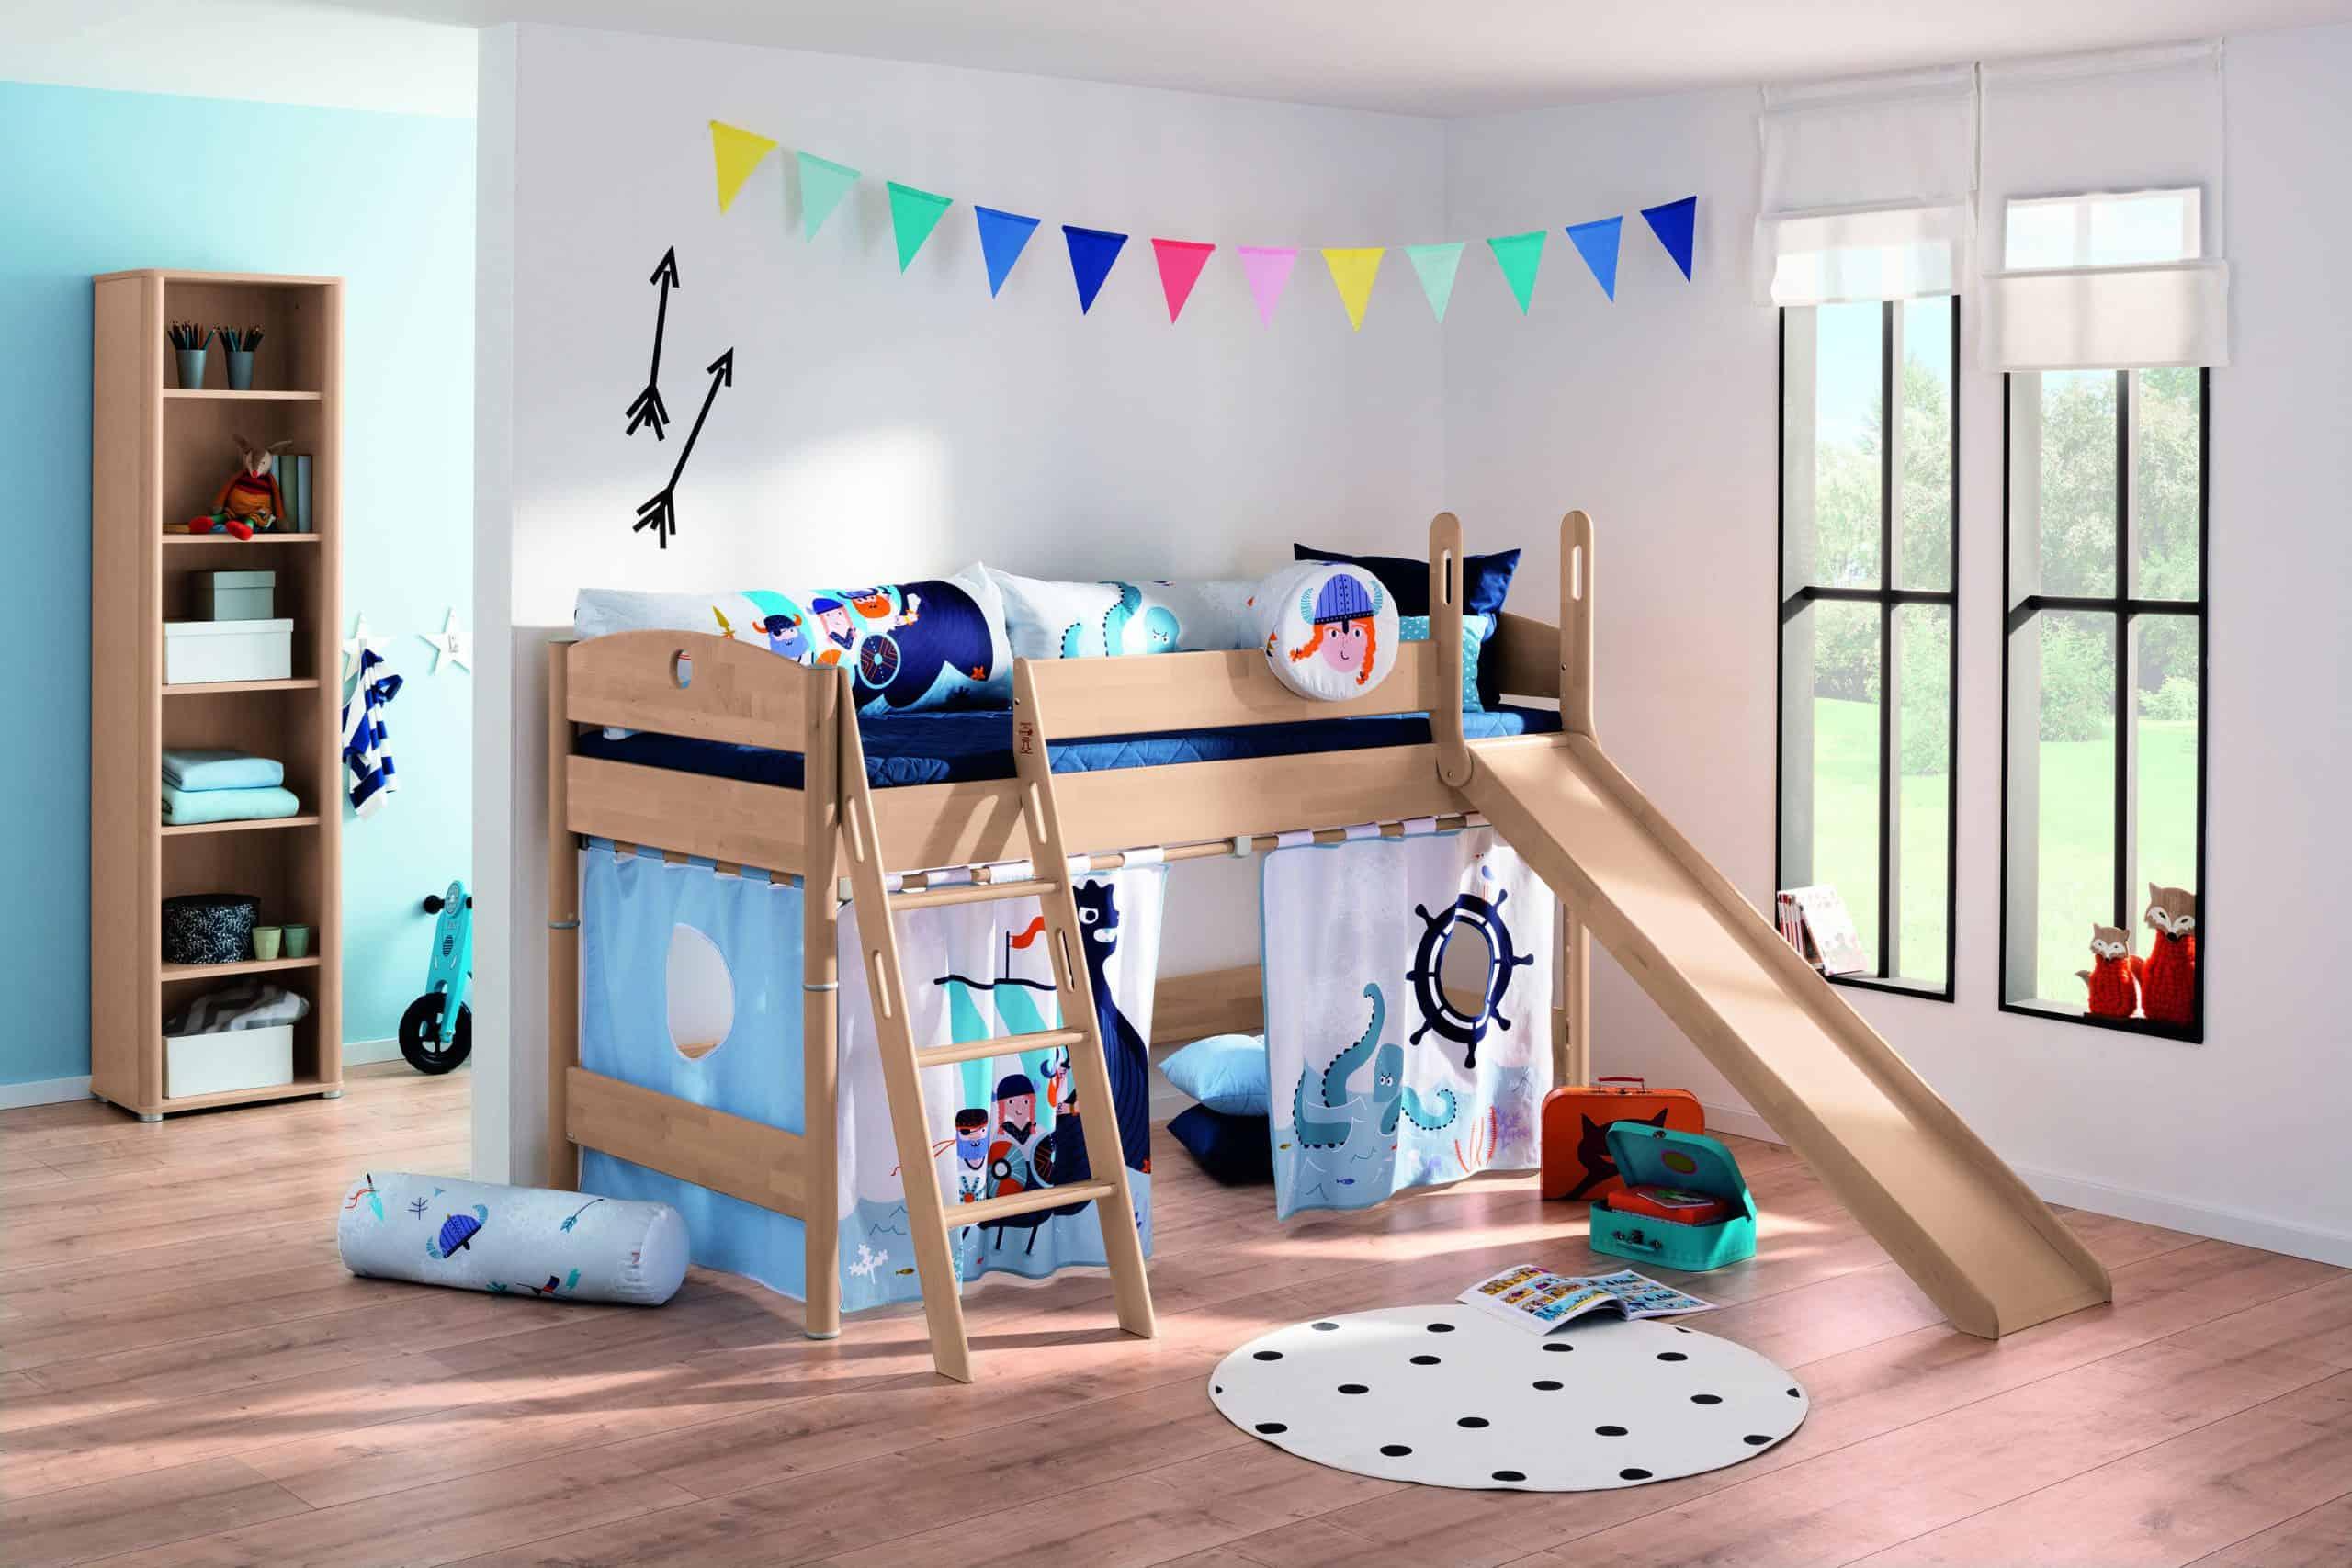 實木兒童床:是正確的選擇嗎?